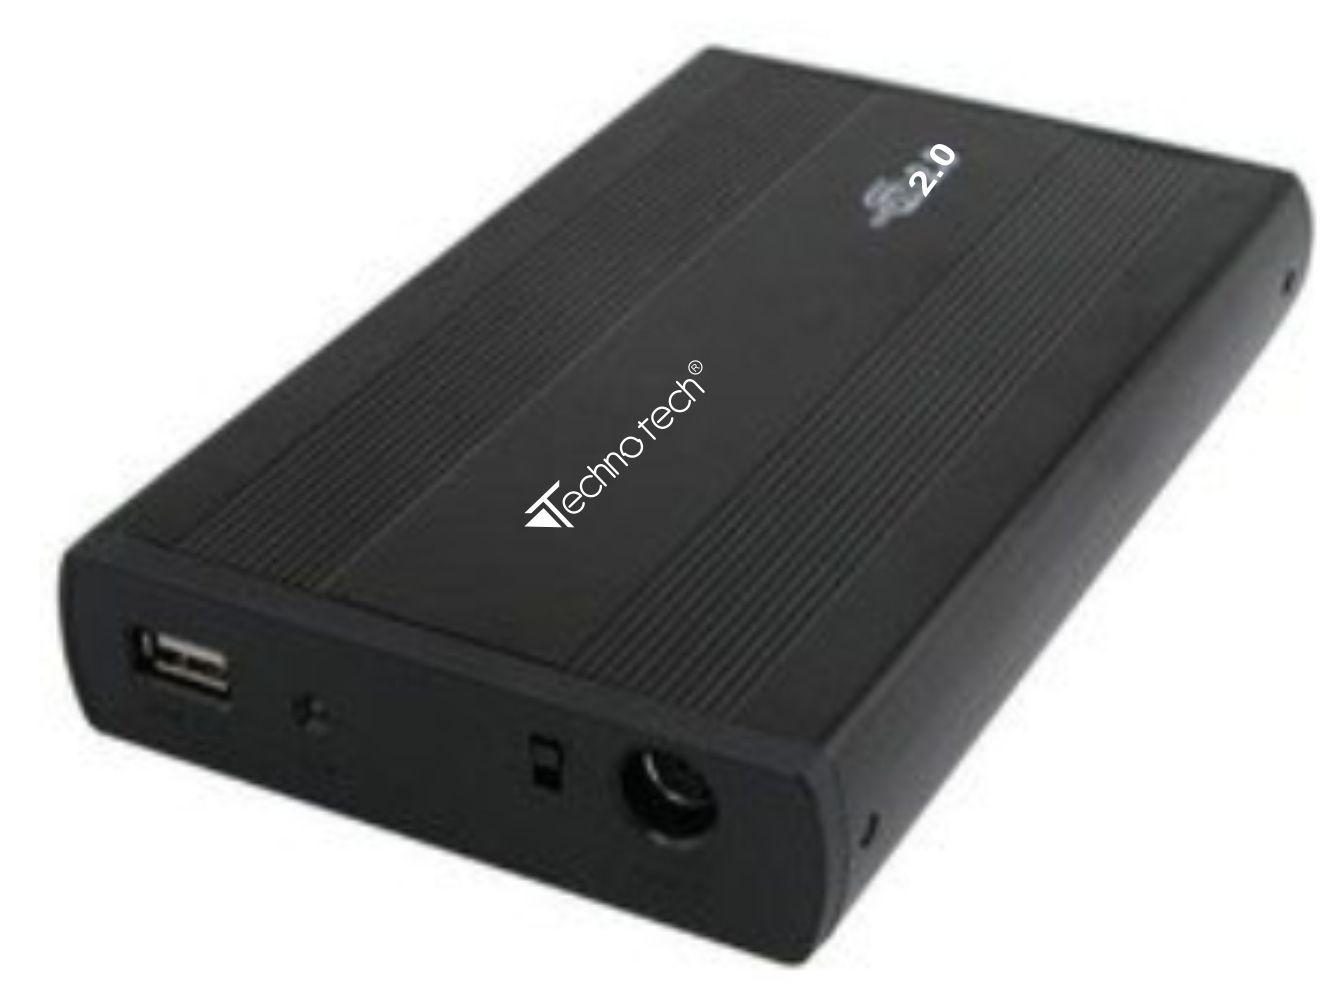 3.5'' USB 2.0 IDE HDD CASING